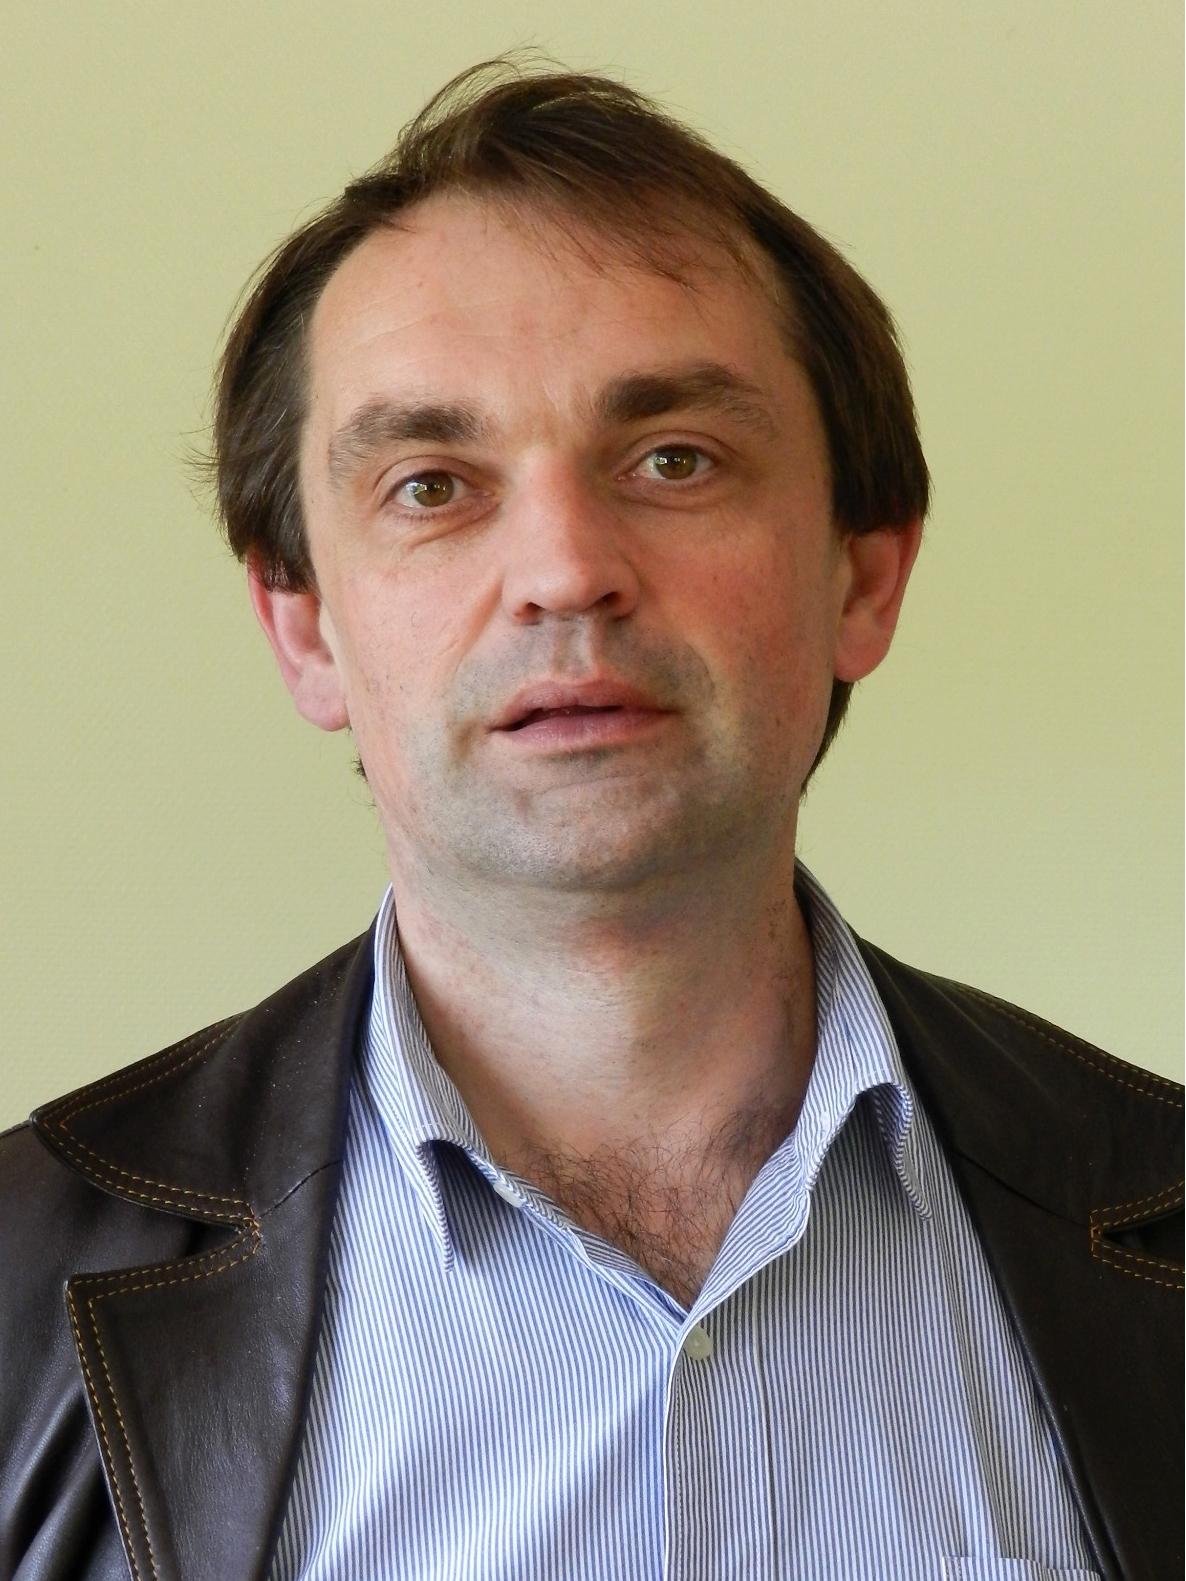 Stéphane Mabon